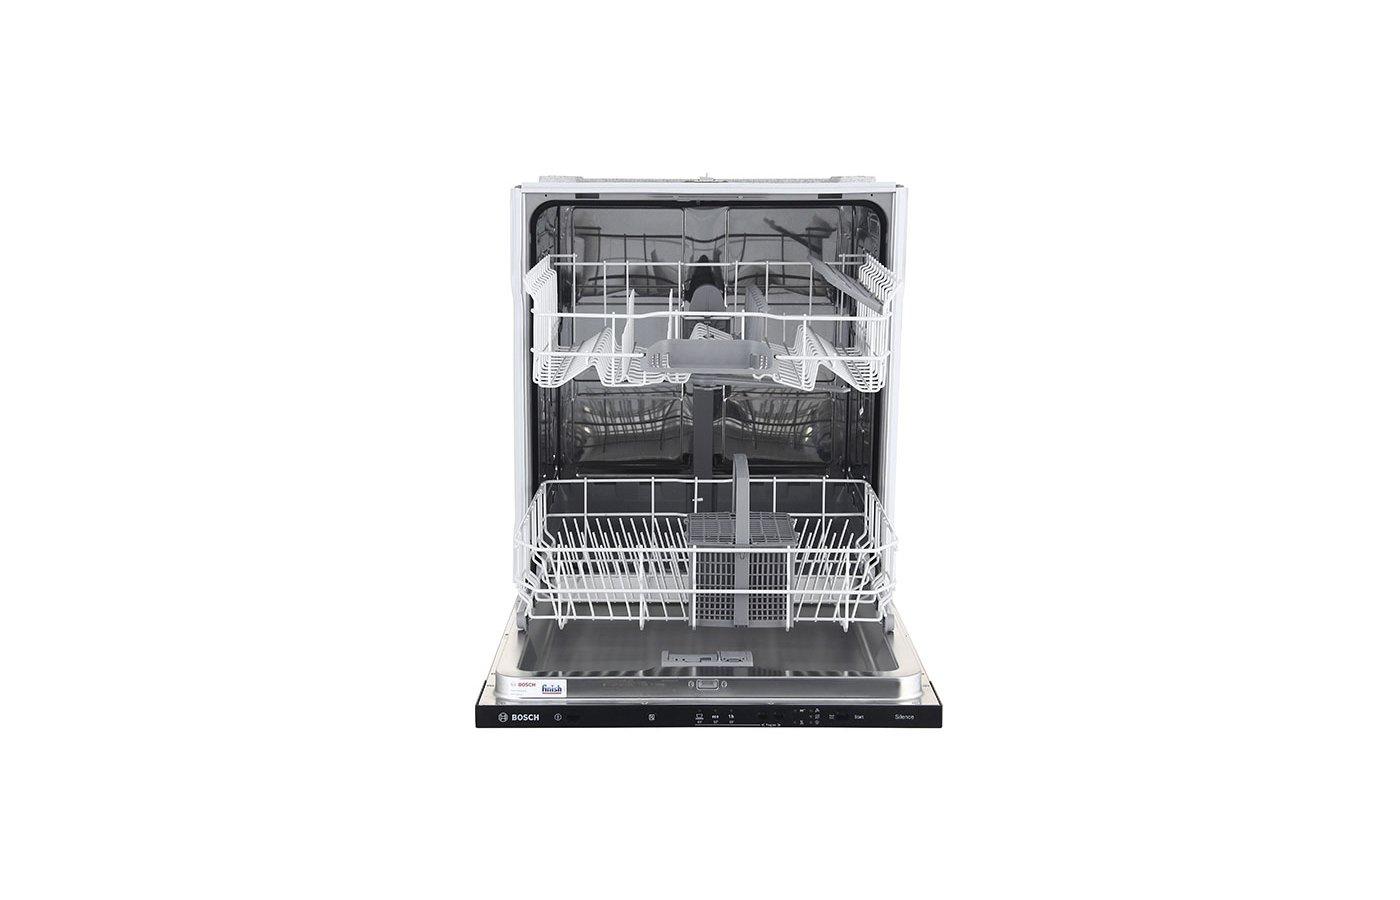 Топ-15 лучших посудомоечных машин bosch: рейтинг 2019-2020 года и как выбрать узкую модель, характеристики и отзывы покупателей